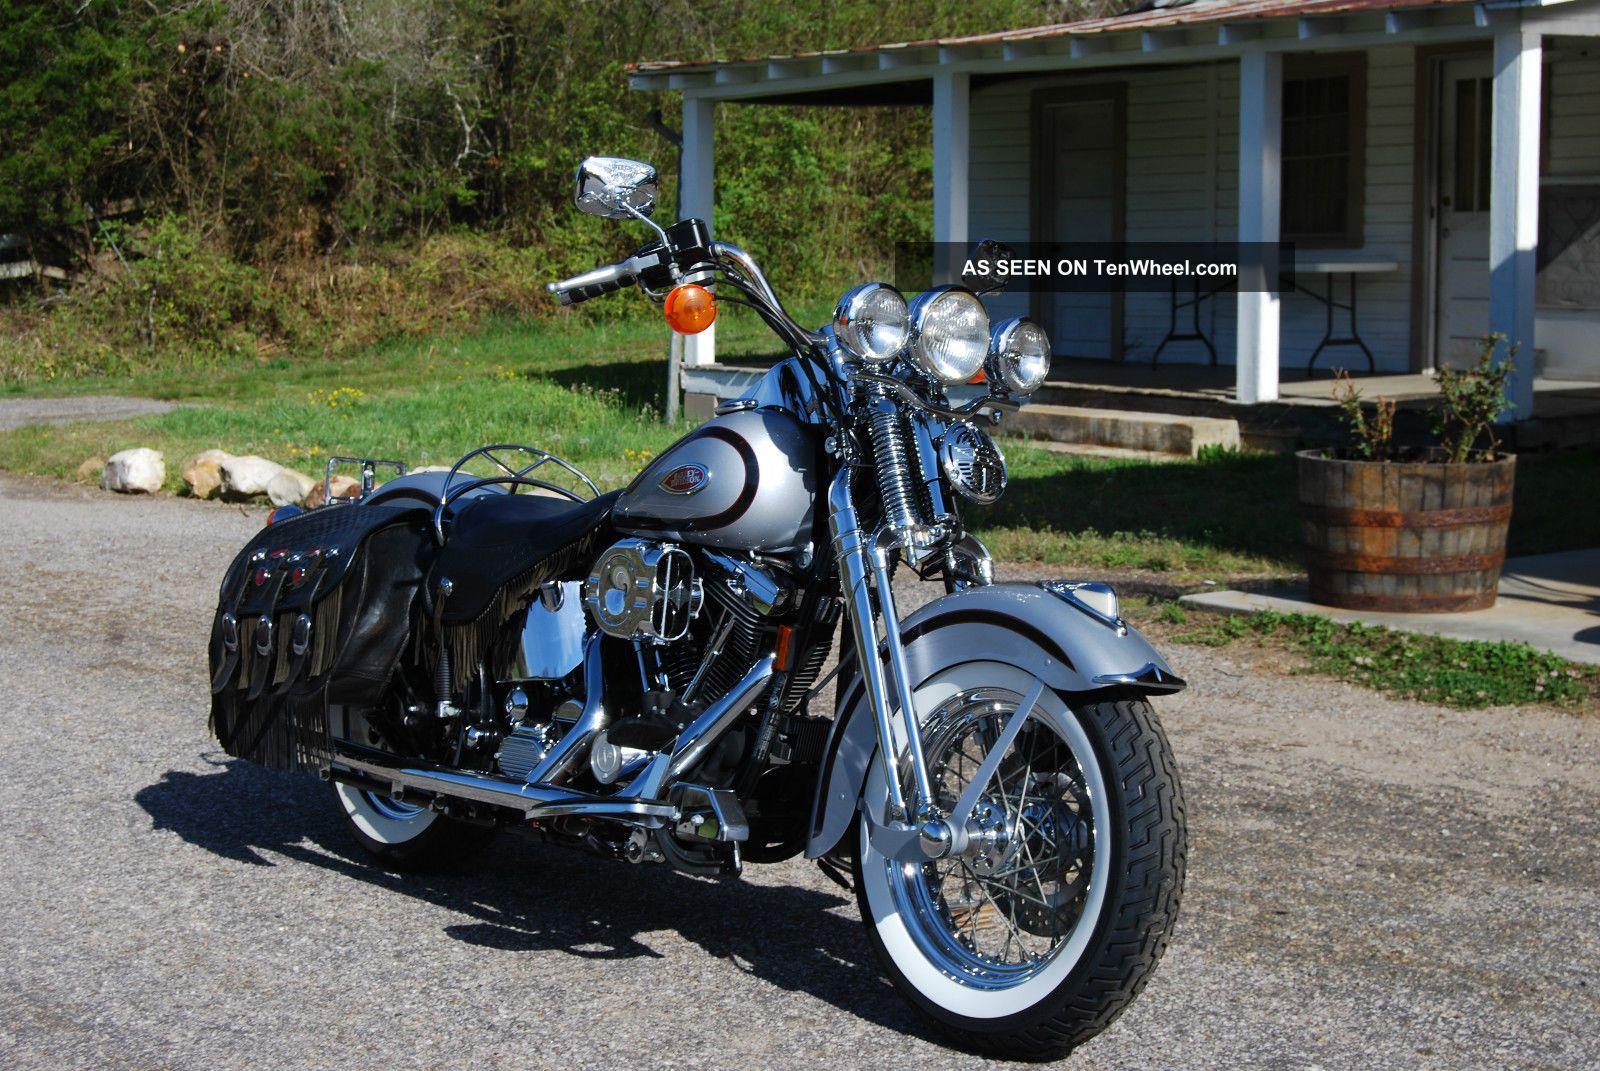 3 Wheel Motorcycle Honda >> 1999 Harley Davidson Heritage Springer Flsts - Loaded